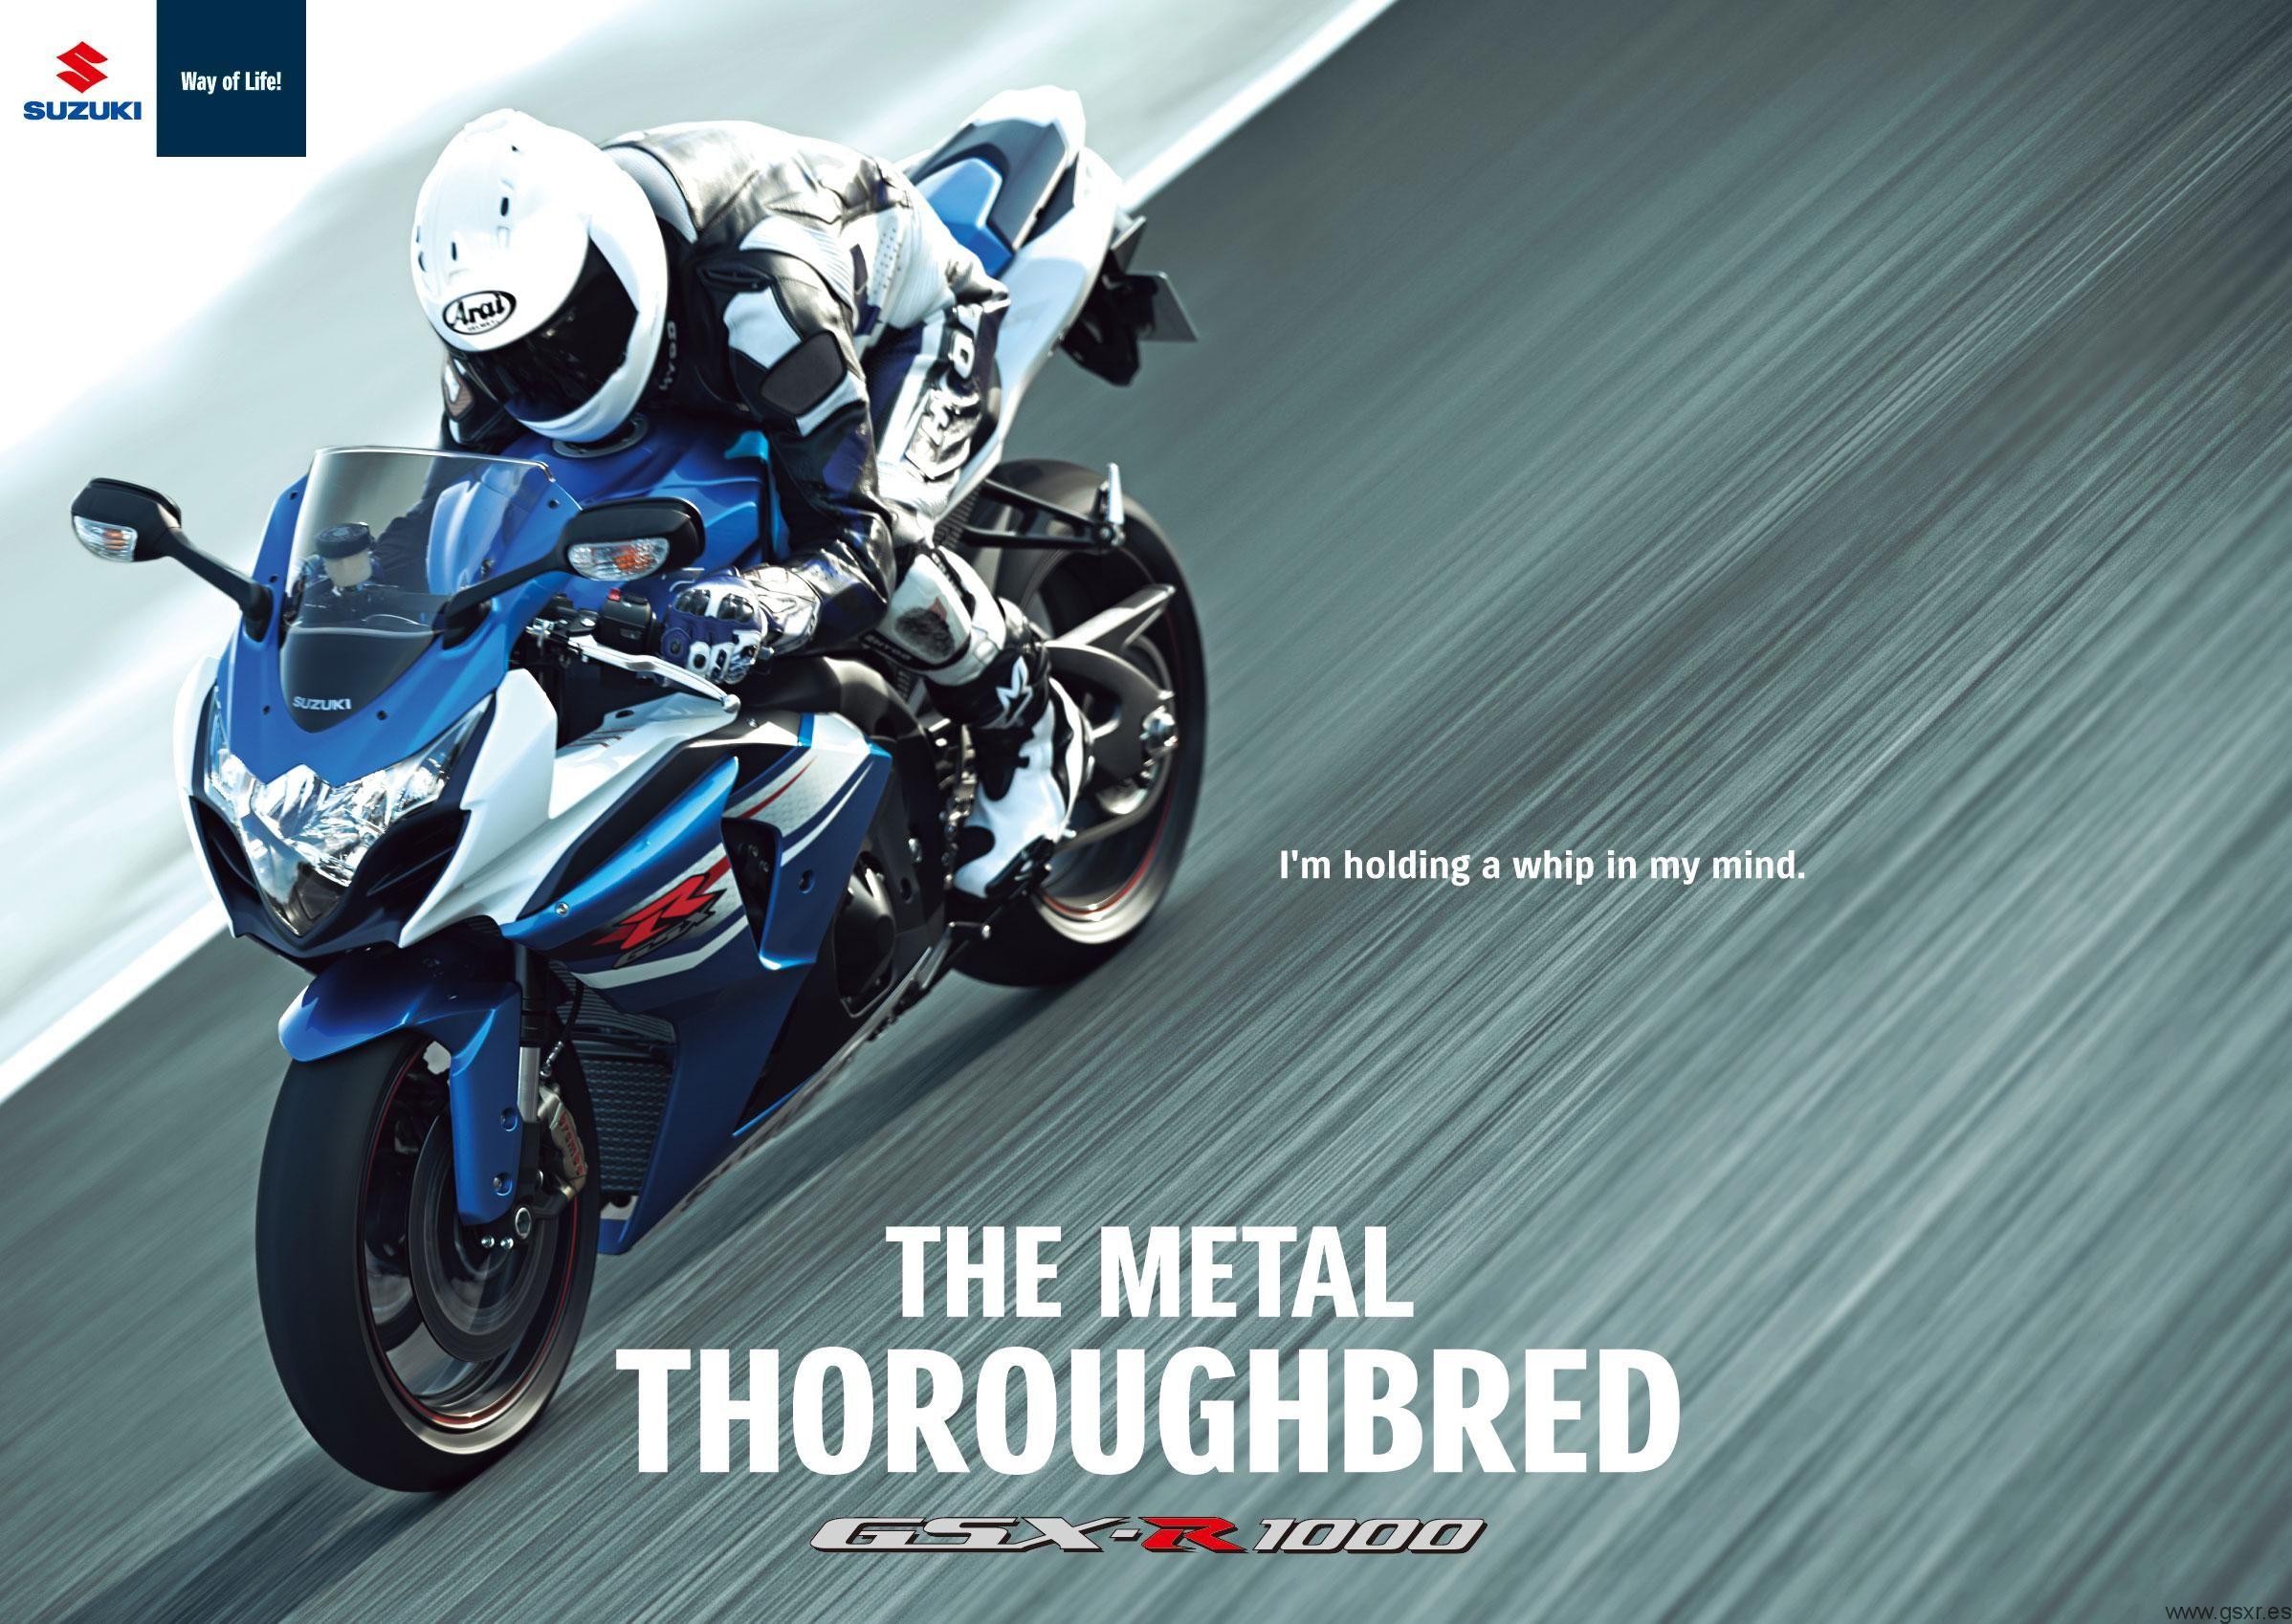 Wallpaper moto suzuki gsxr 1000 2012 motos suzuki gsx r